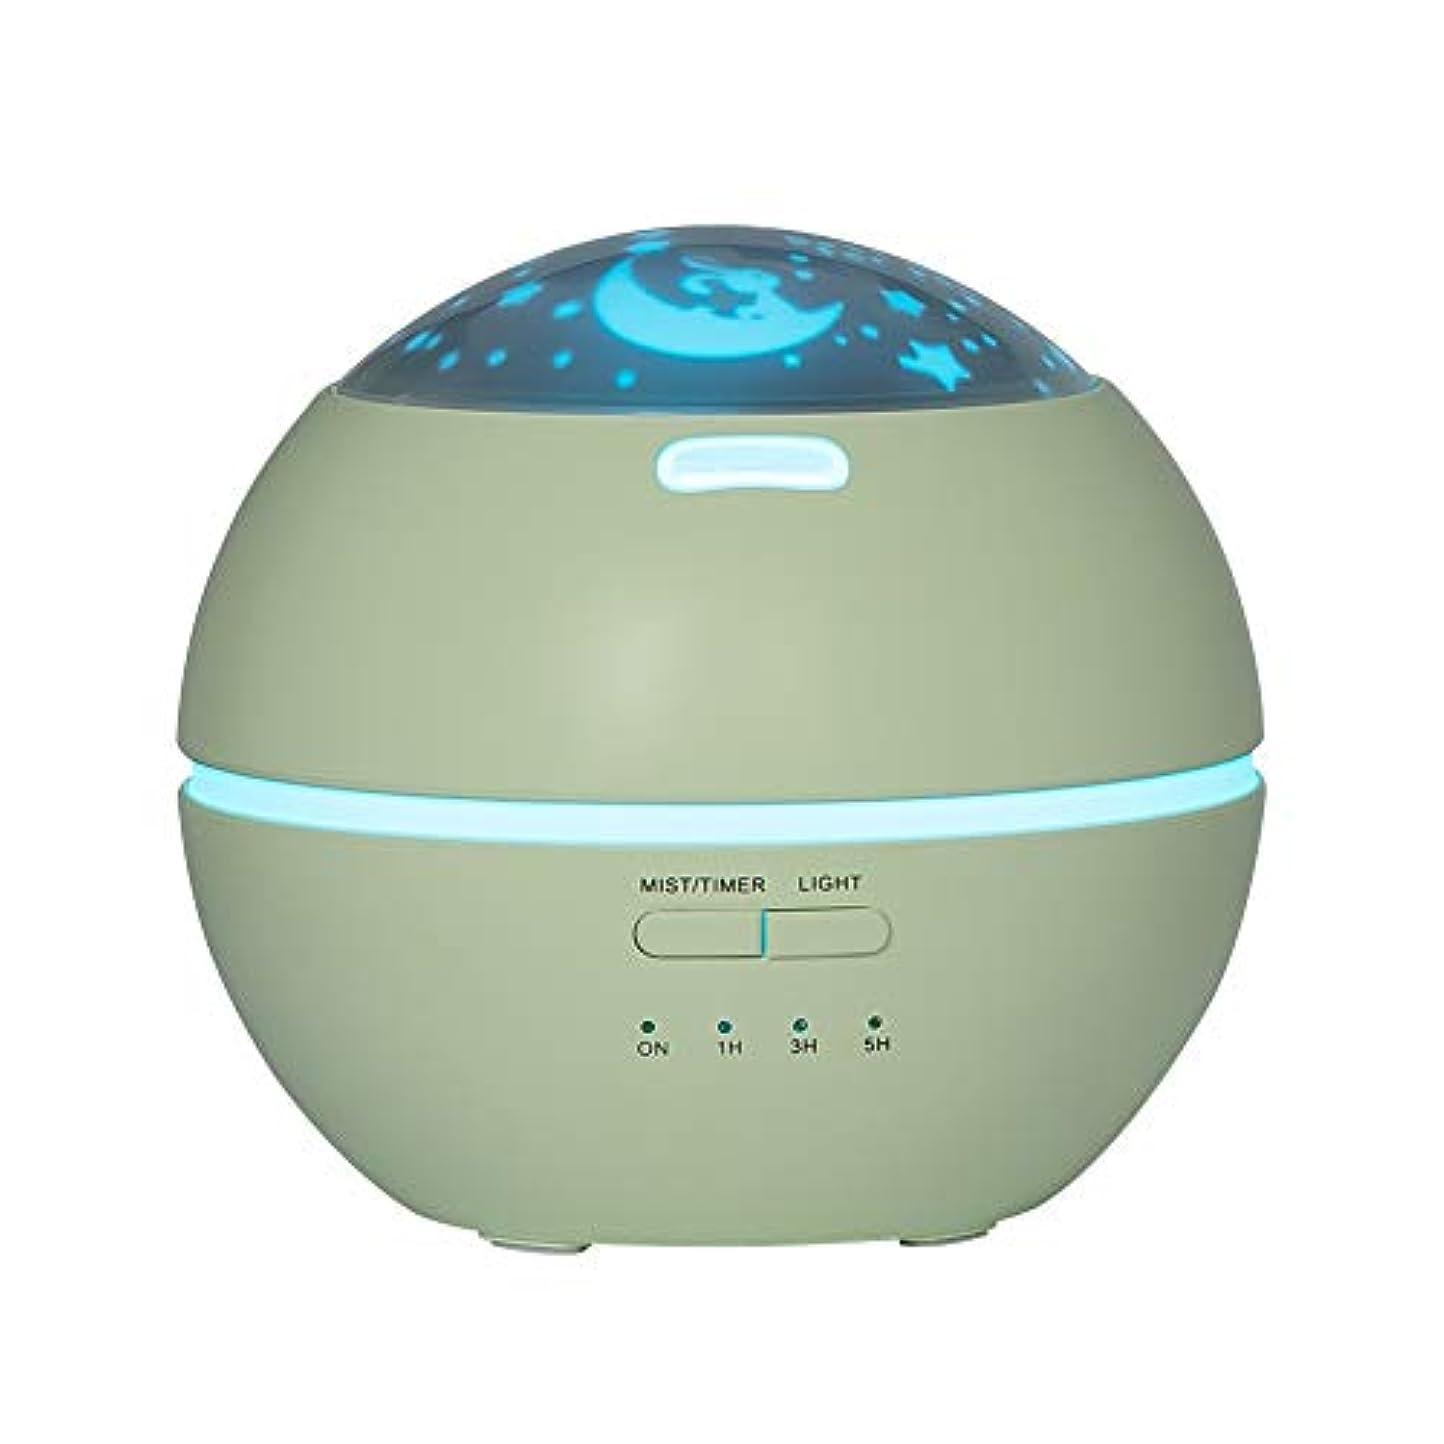 醸造所雰囲気校長LIBESON 加湿器 卓上 超音波式 アロマディフューザー 8色LEDライト変換 超静音 ミス調整可能 時間設定タイマー機能付き 空焚き防止機能搭載 アロマ加湿器 ホワイト150mL (グリーン)